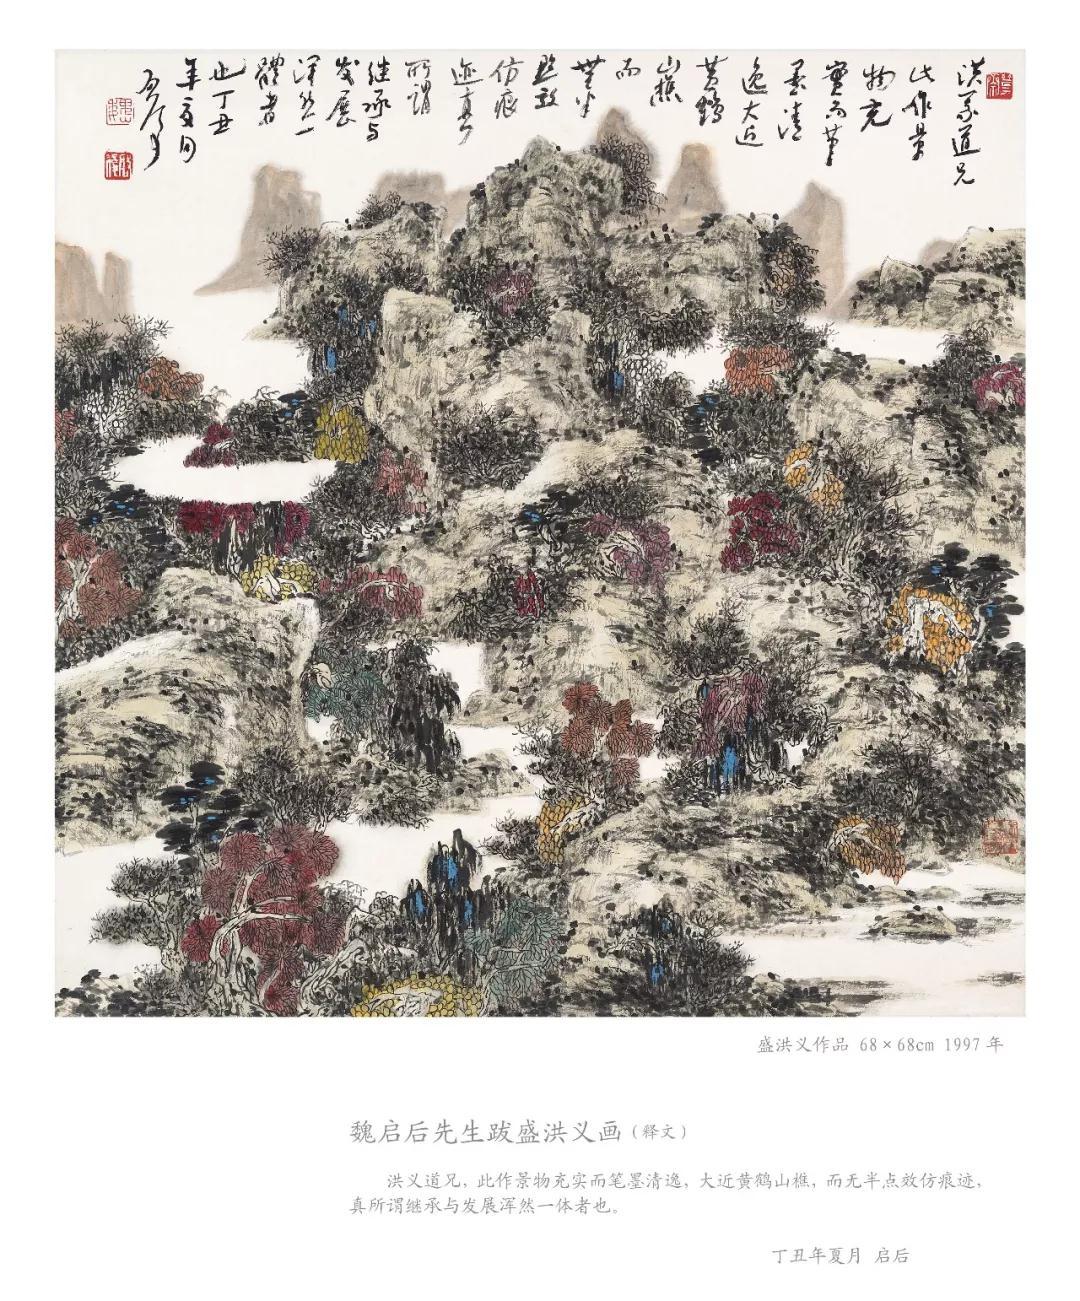 盛洪义山水画展将于3月23日在济南市美术馆举行